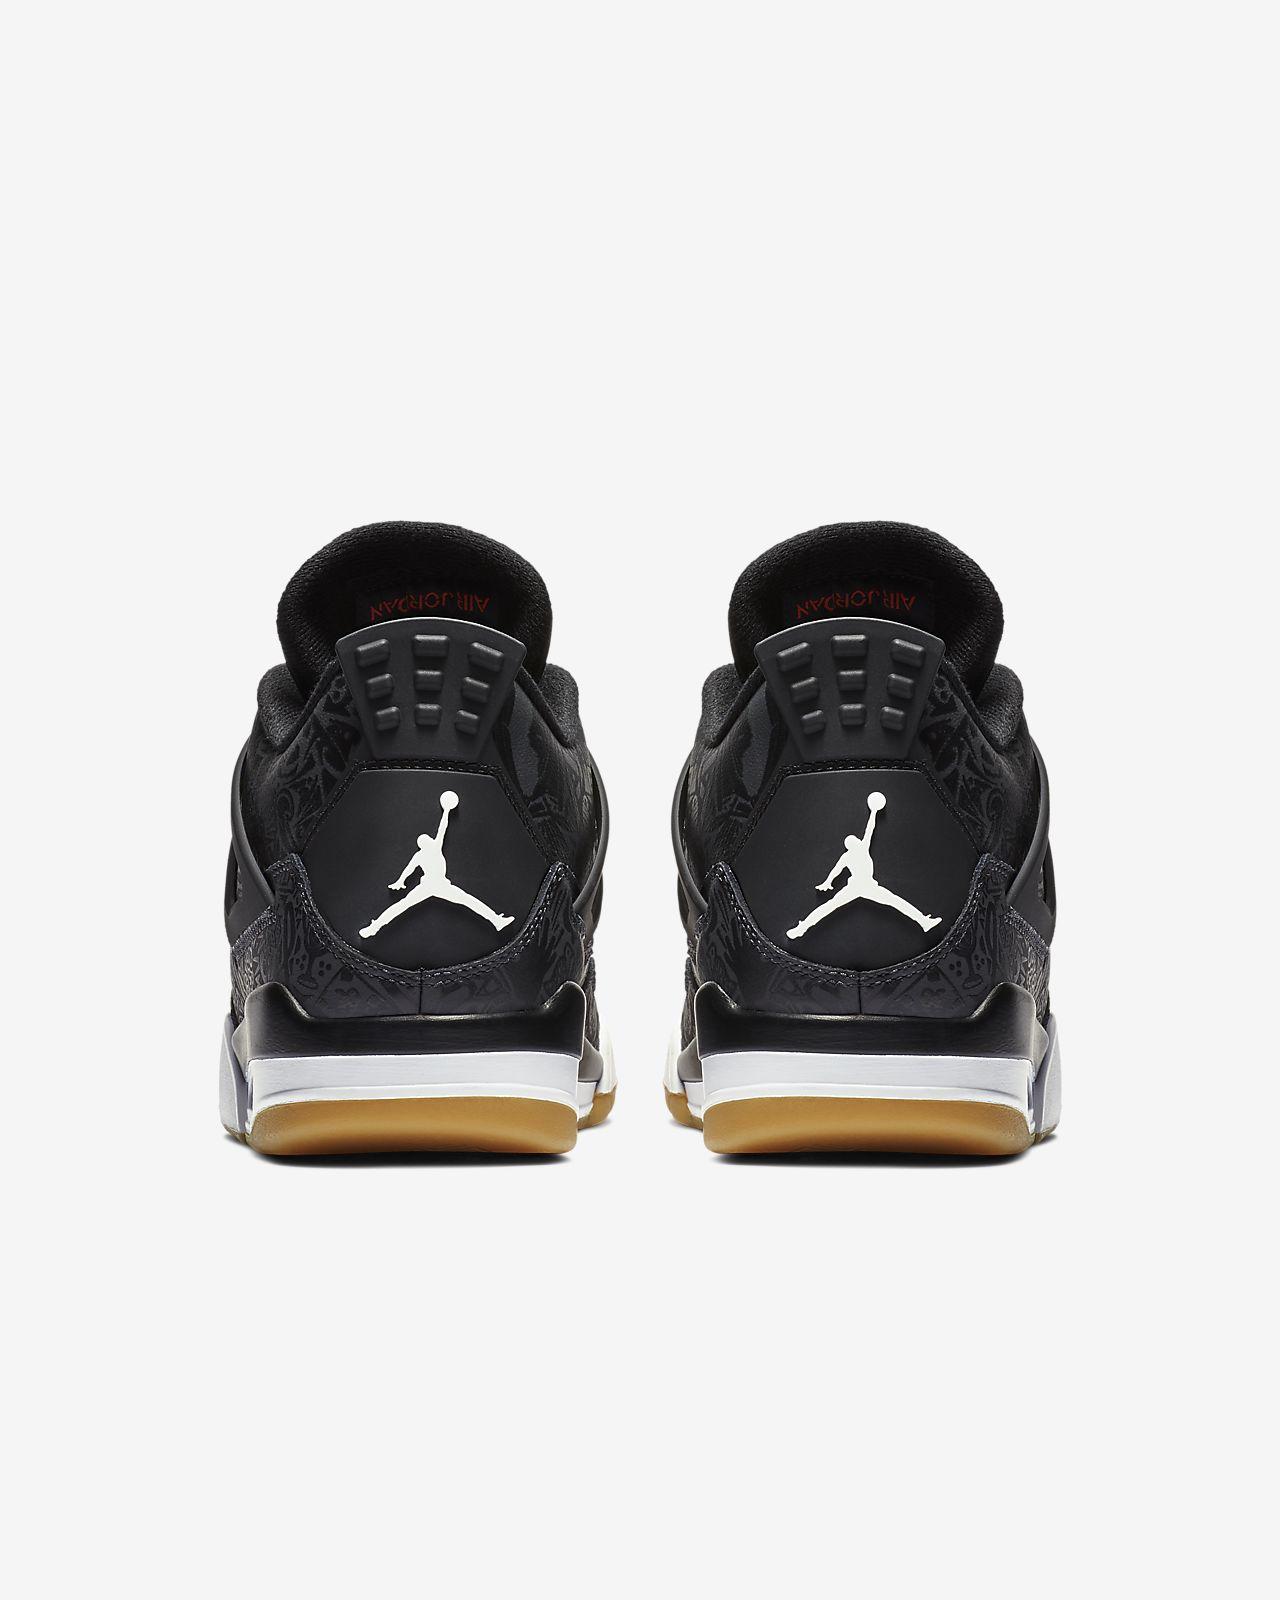 63d9a983ca09 Air Jordan 4 Retro SE Men s Shoe. Nike.com